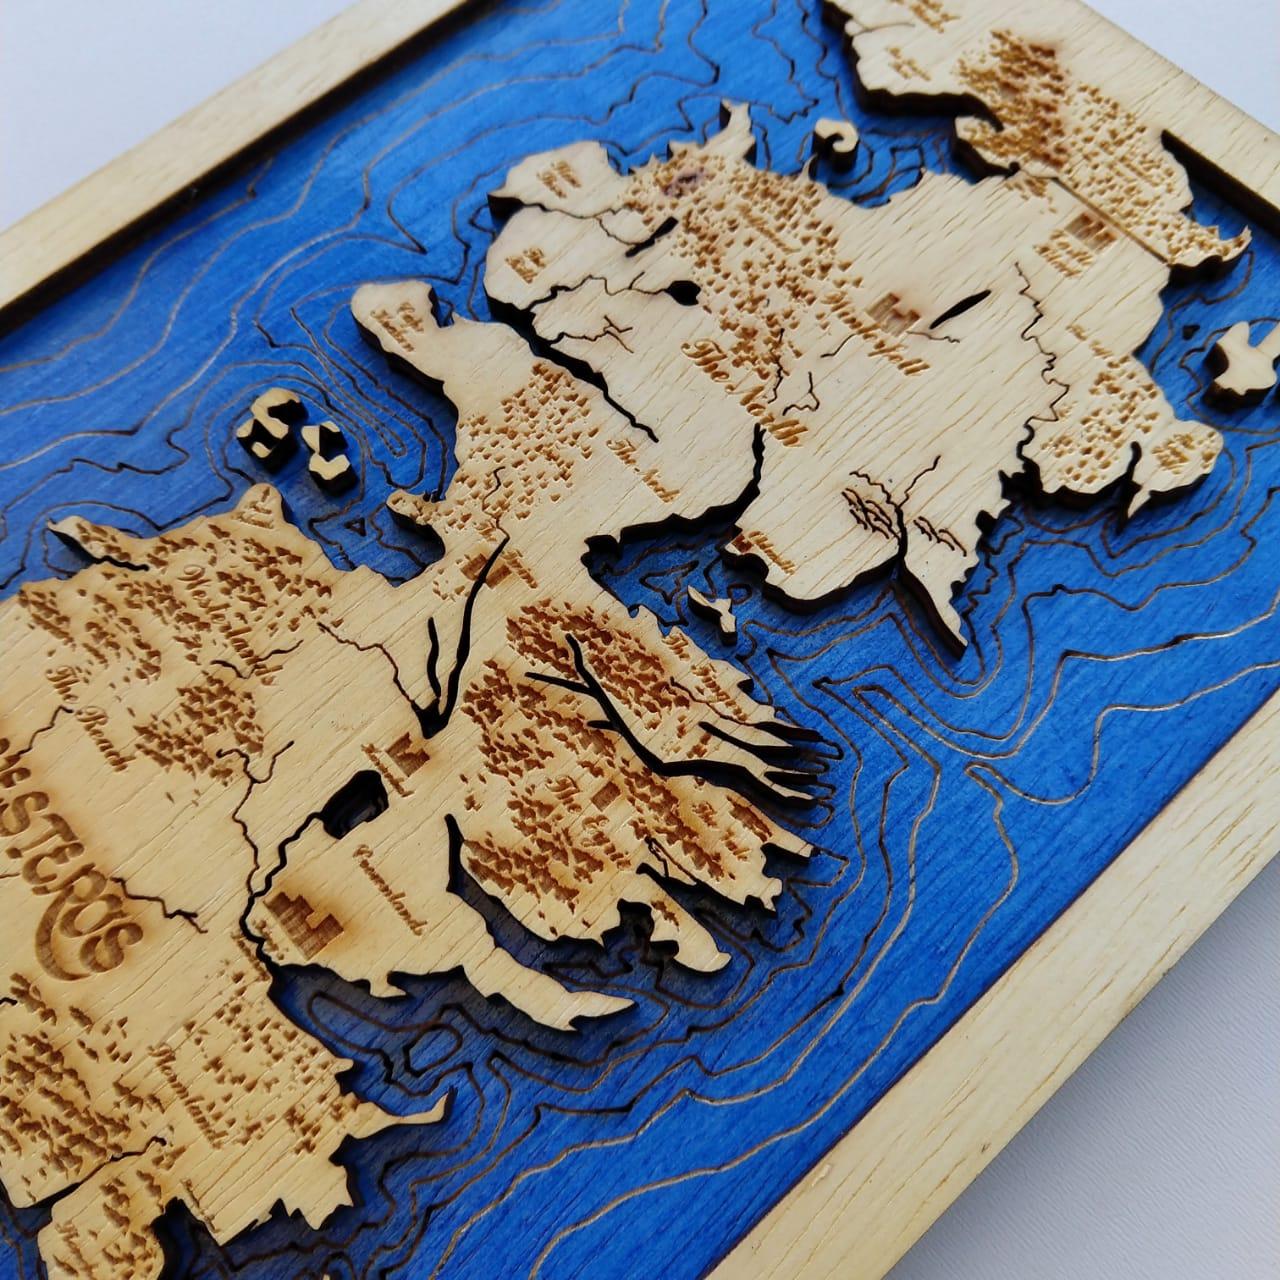 MAPA DE WESTEROS - SEVEN KINGDOMS